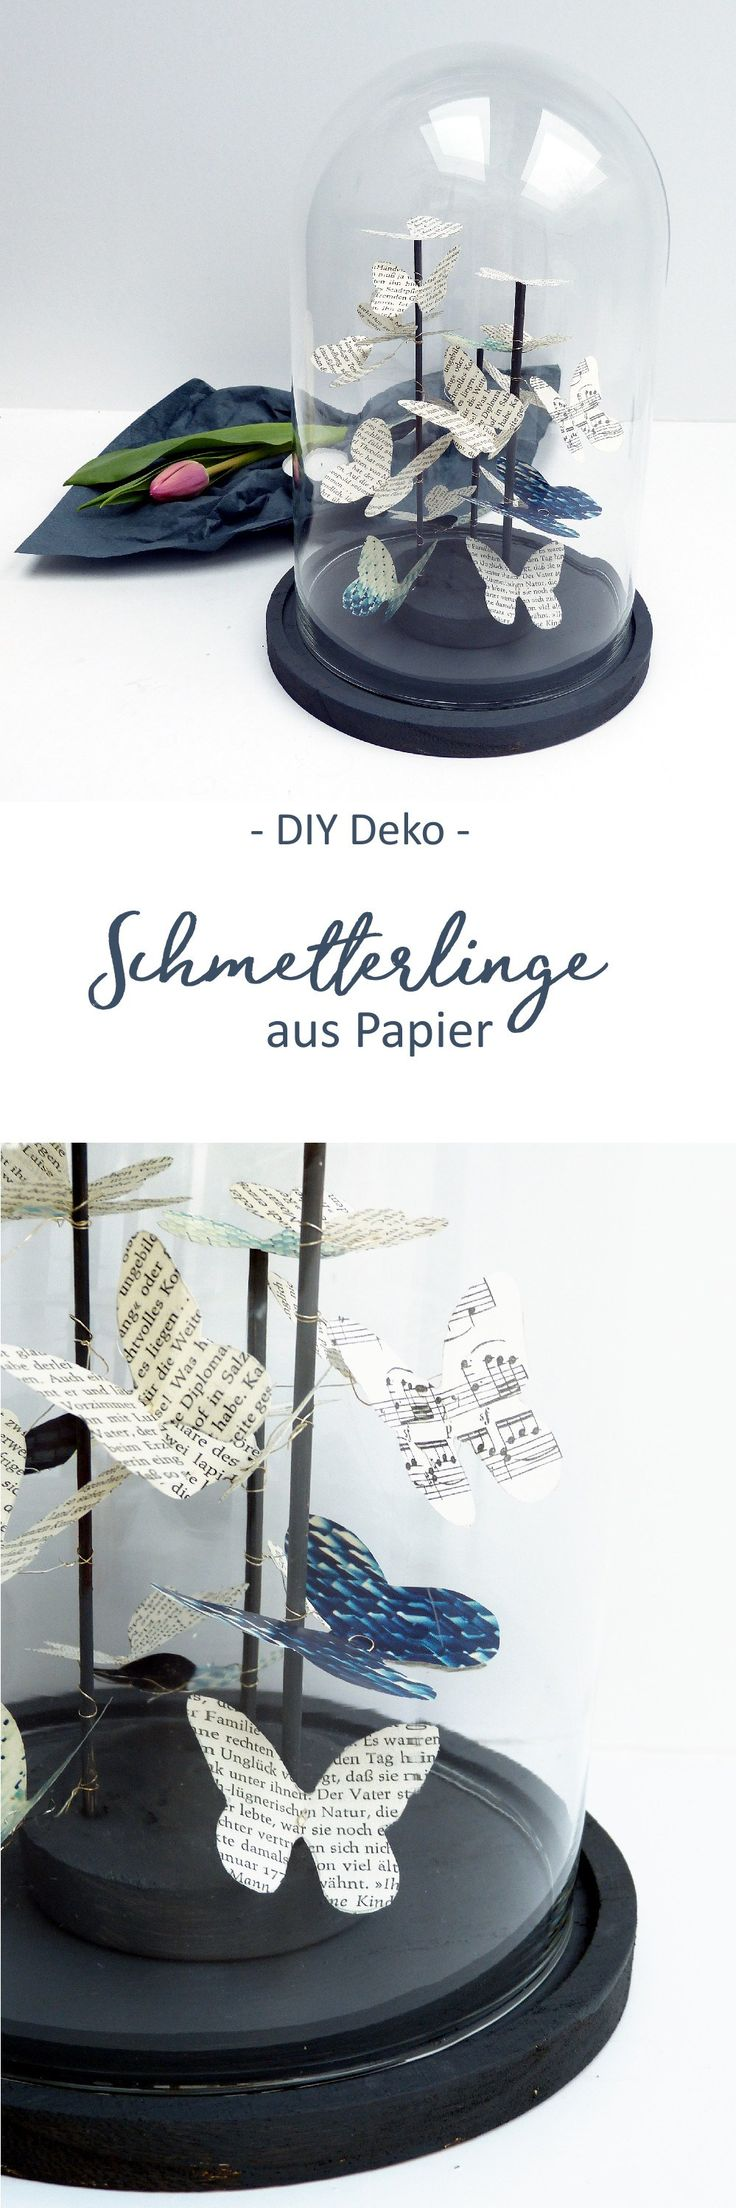 Deko Schmetterlinge aus Papier als Schwarm in einer Glaskuppel. DIY Anleitung mit Vorlage zum Ausdrucken.  #Glasglocke #Frühlingsdeko